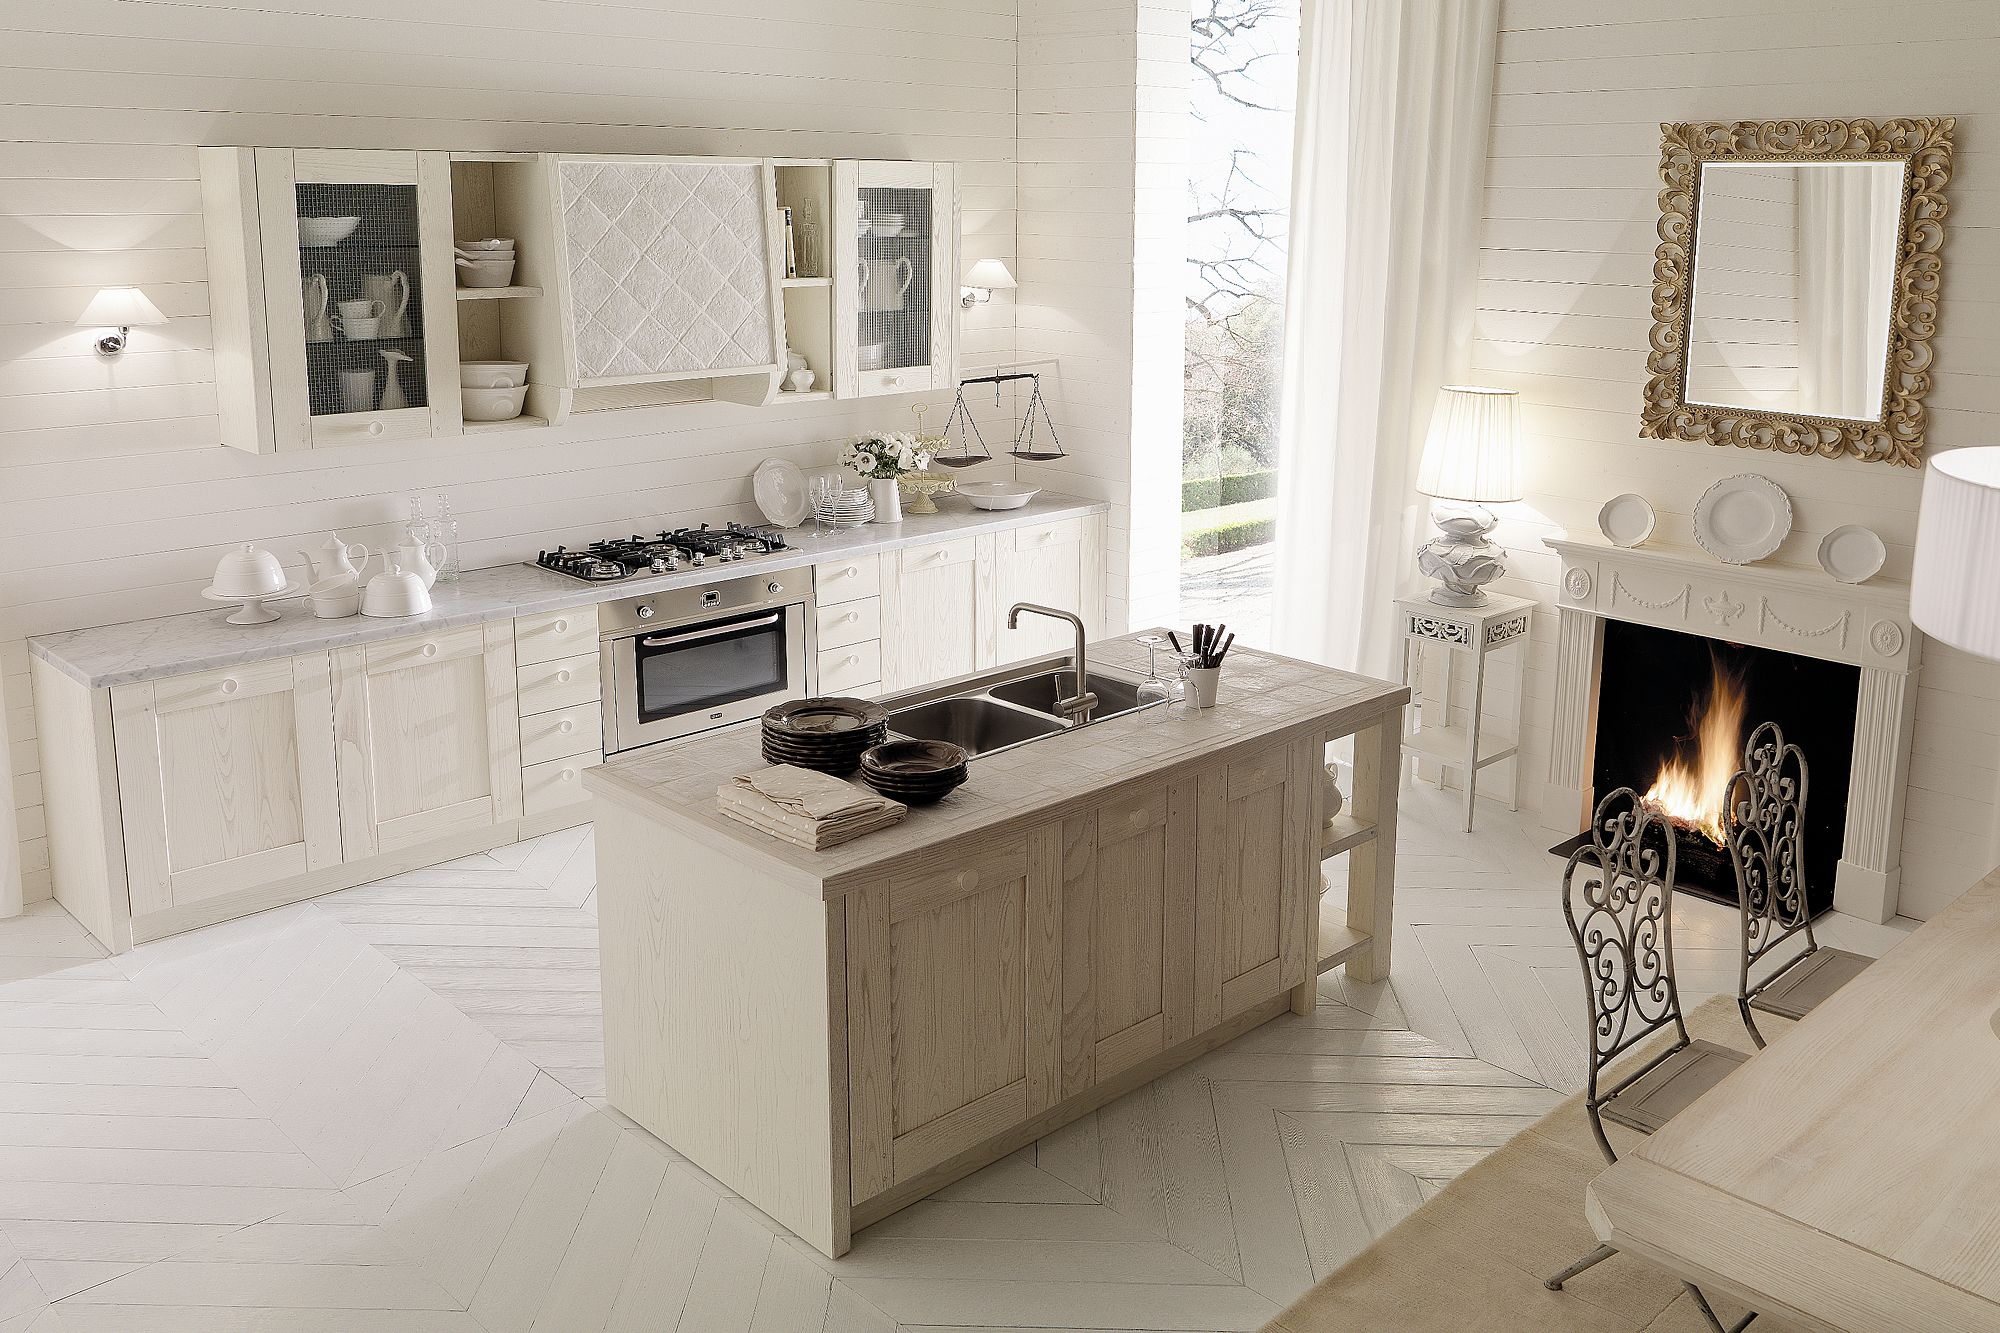 Cucina country chic bianca con isola aurora cucine taverna pinterest kitchen elegant - Cucine con isole ...